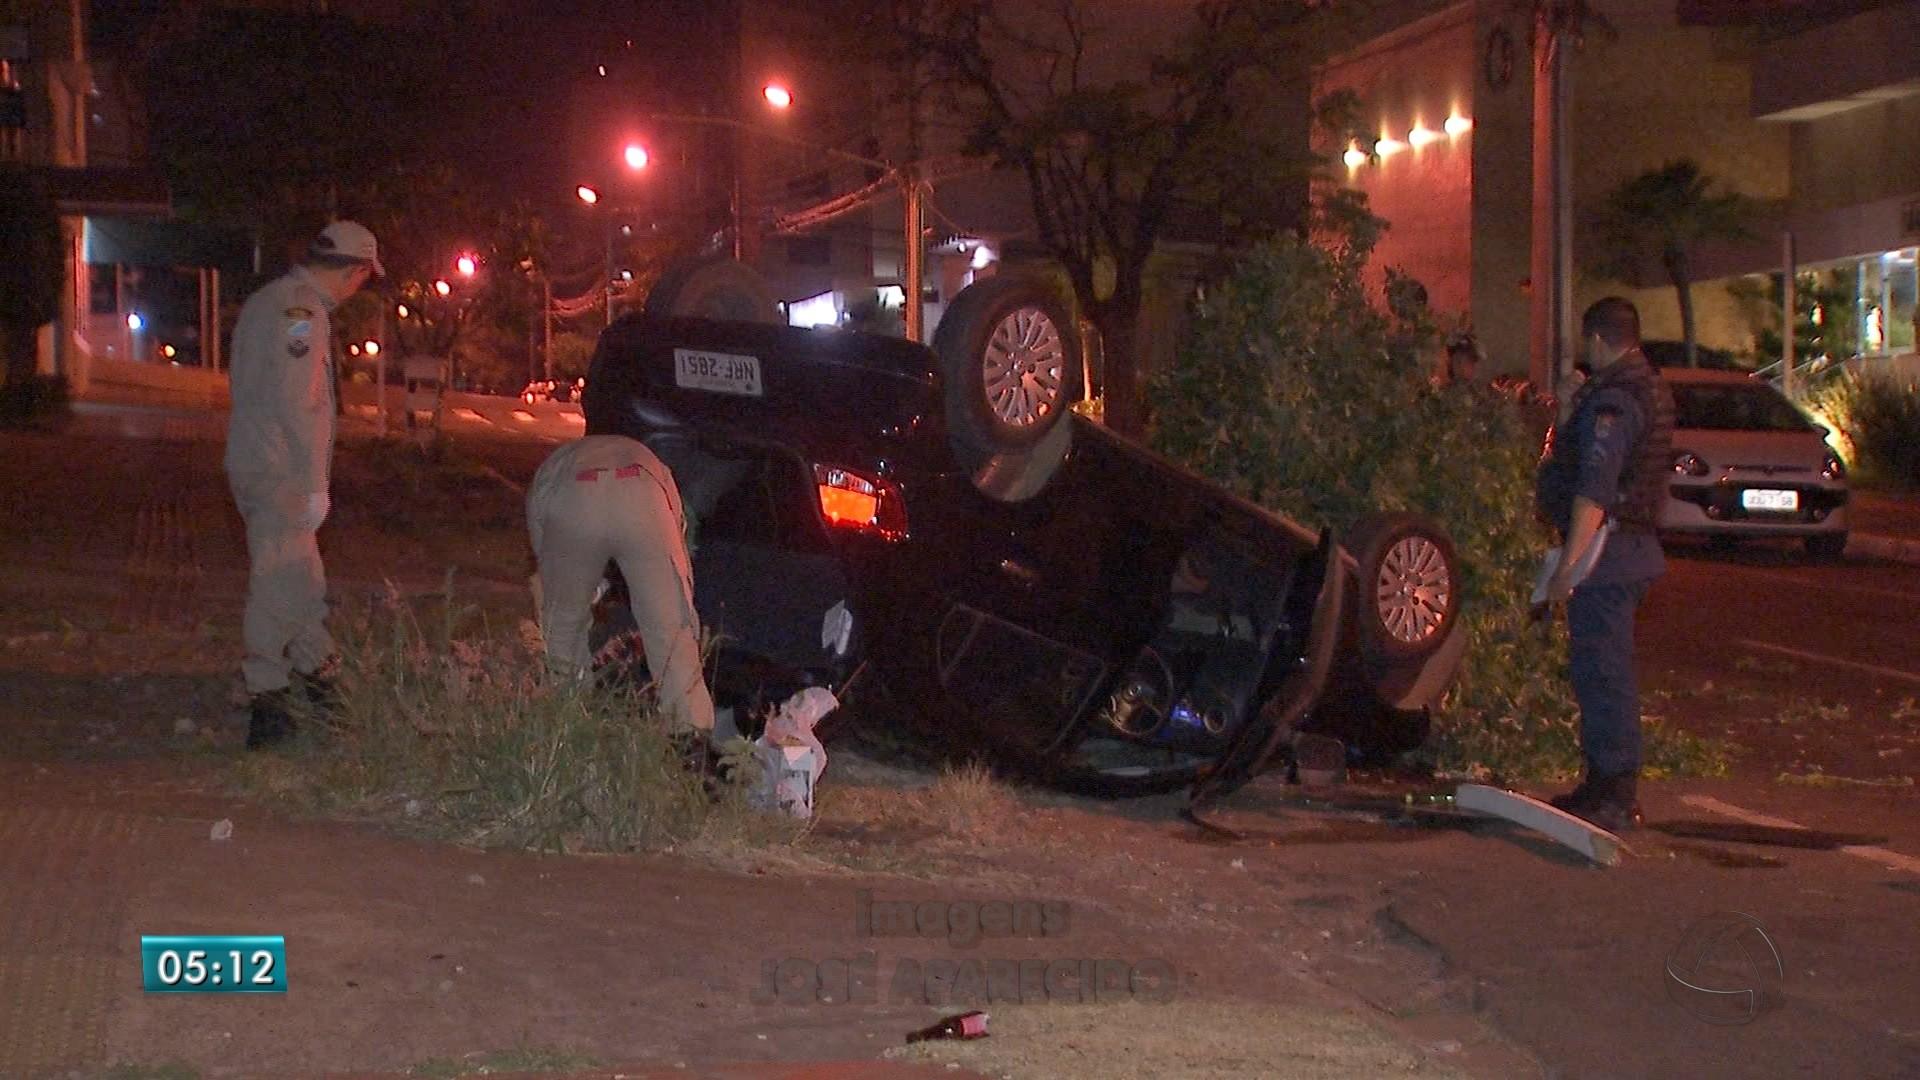 Motorista capota carro, arranca árvore e lixeira no Centro de Campo Grande